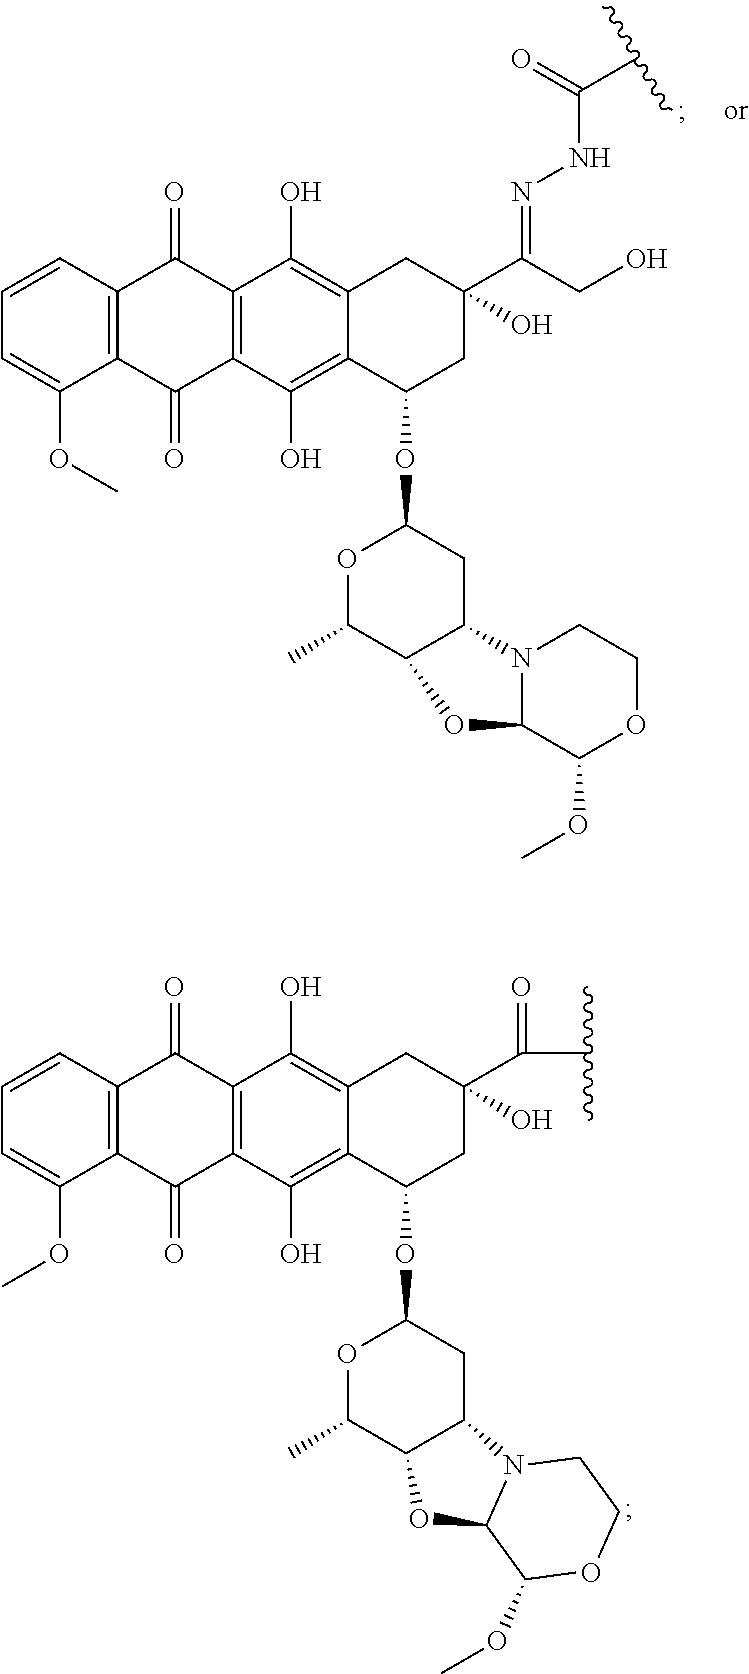 Figure US09562099-20170207-C00037